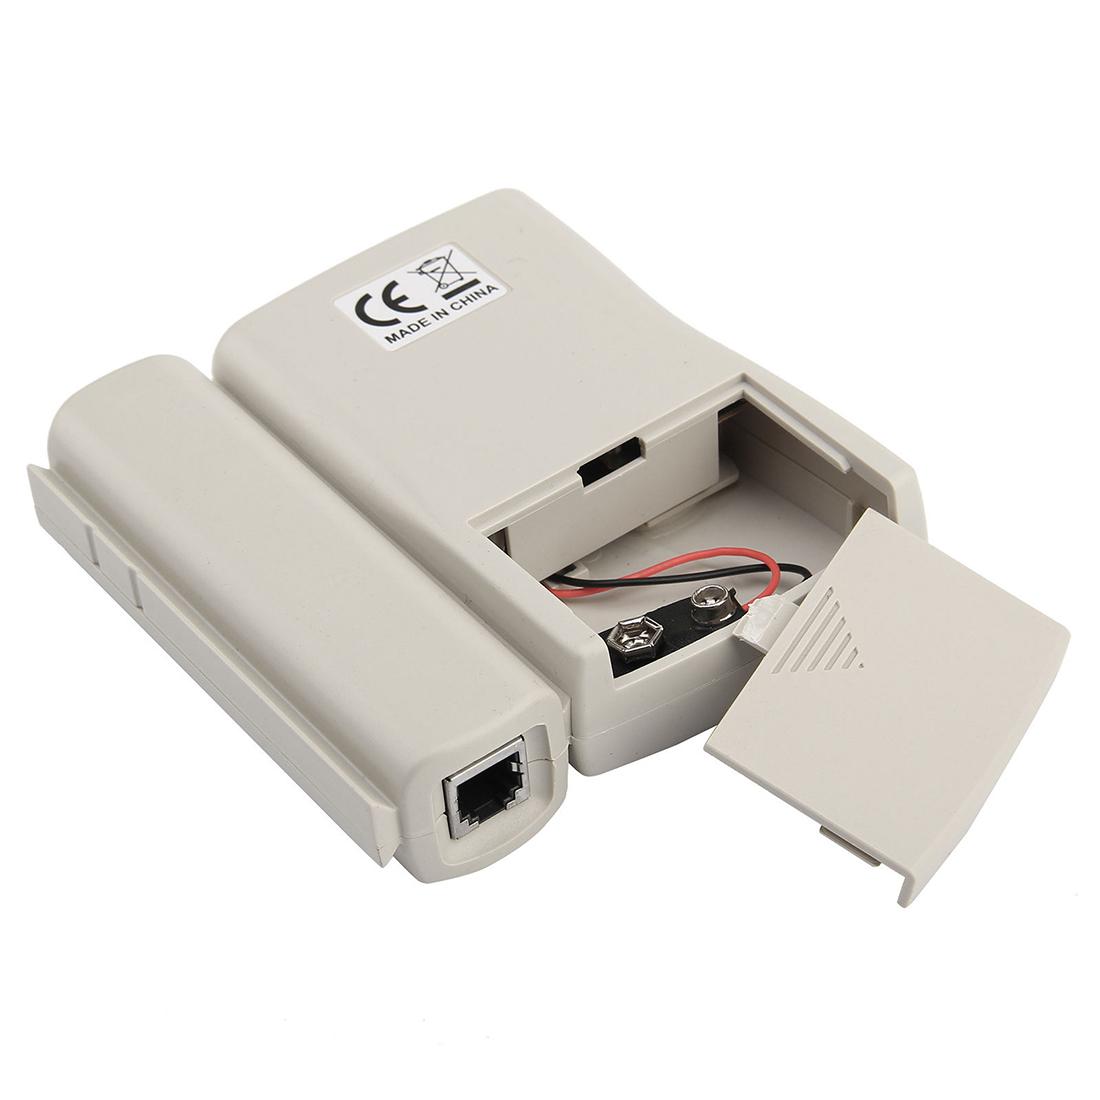 Ethernet Network Tester : Network ethernet lan cable tester crimper stripper tool